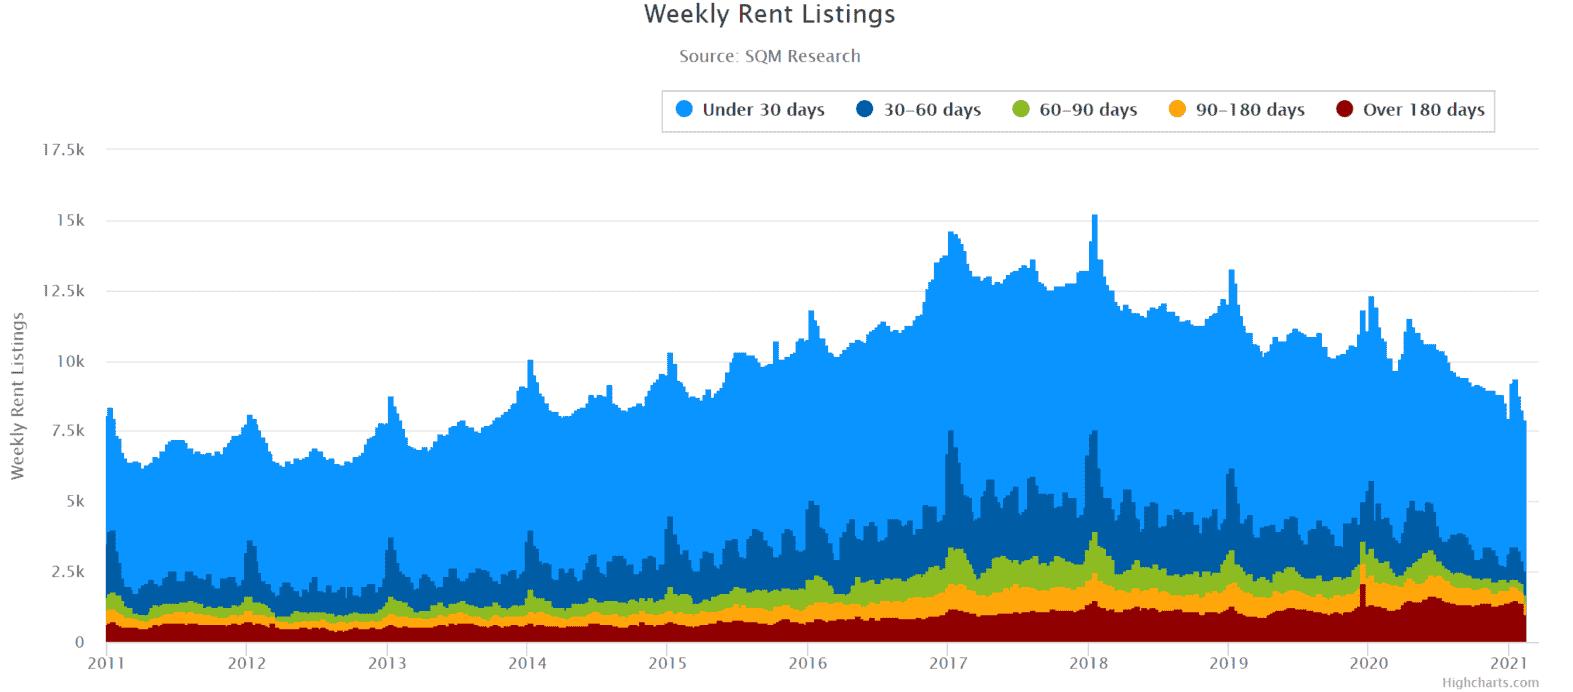 Bris Weekly Rents